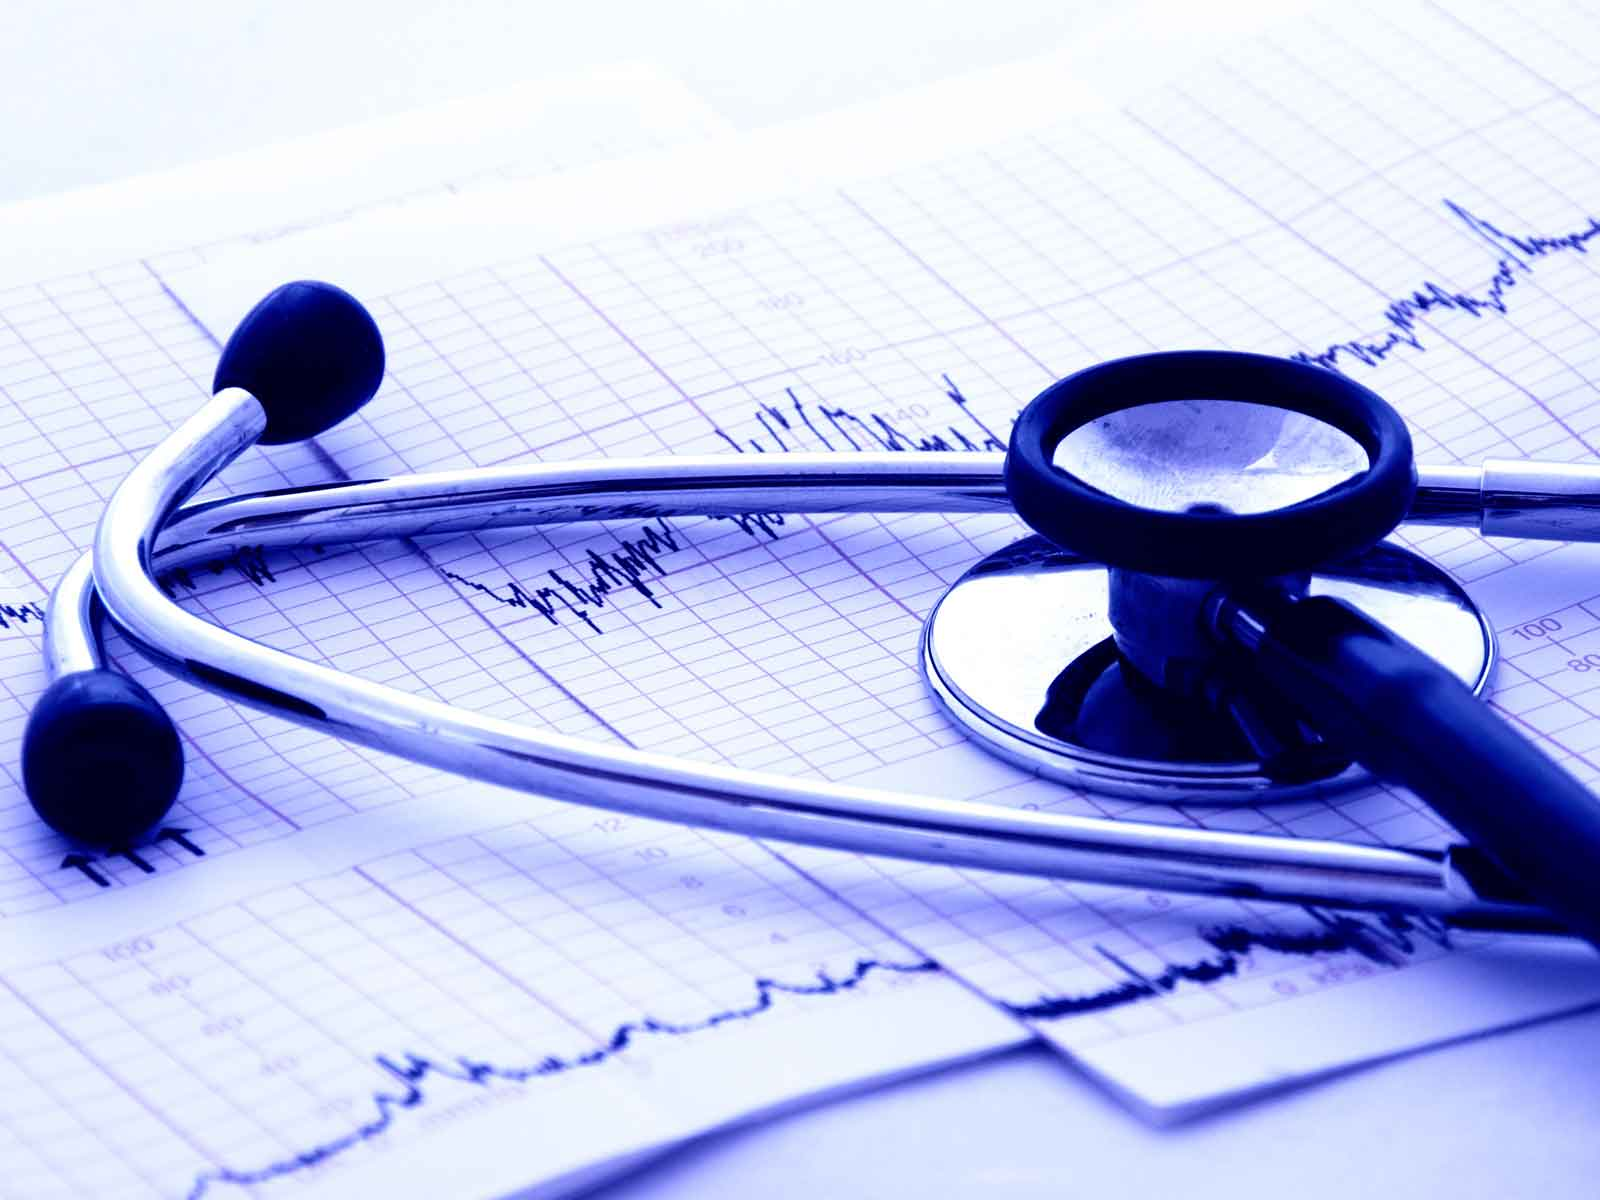 Ανησυχητικά δεδομένα για την υγεία του Αλβανικού λαού φέρνει στο φως νέα δημοσκόπηση